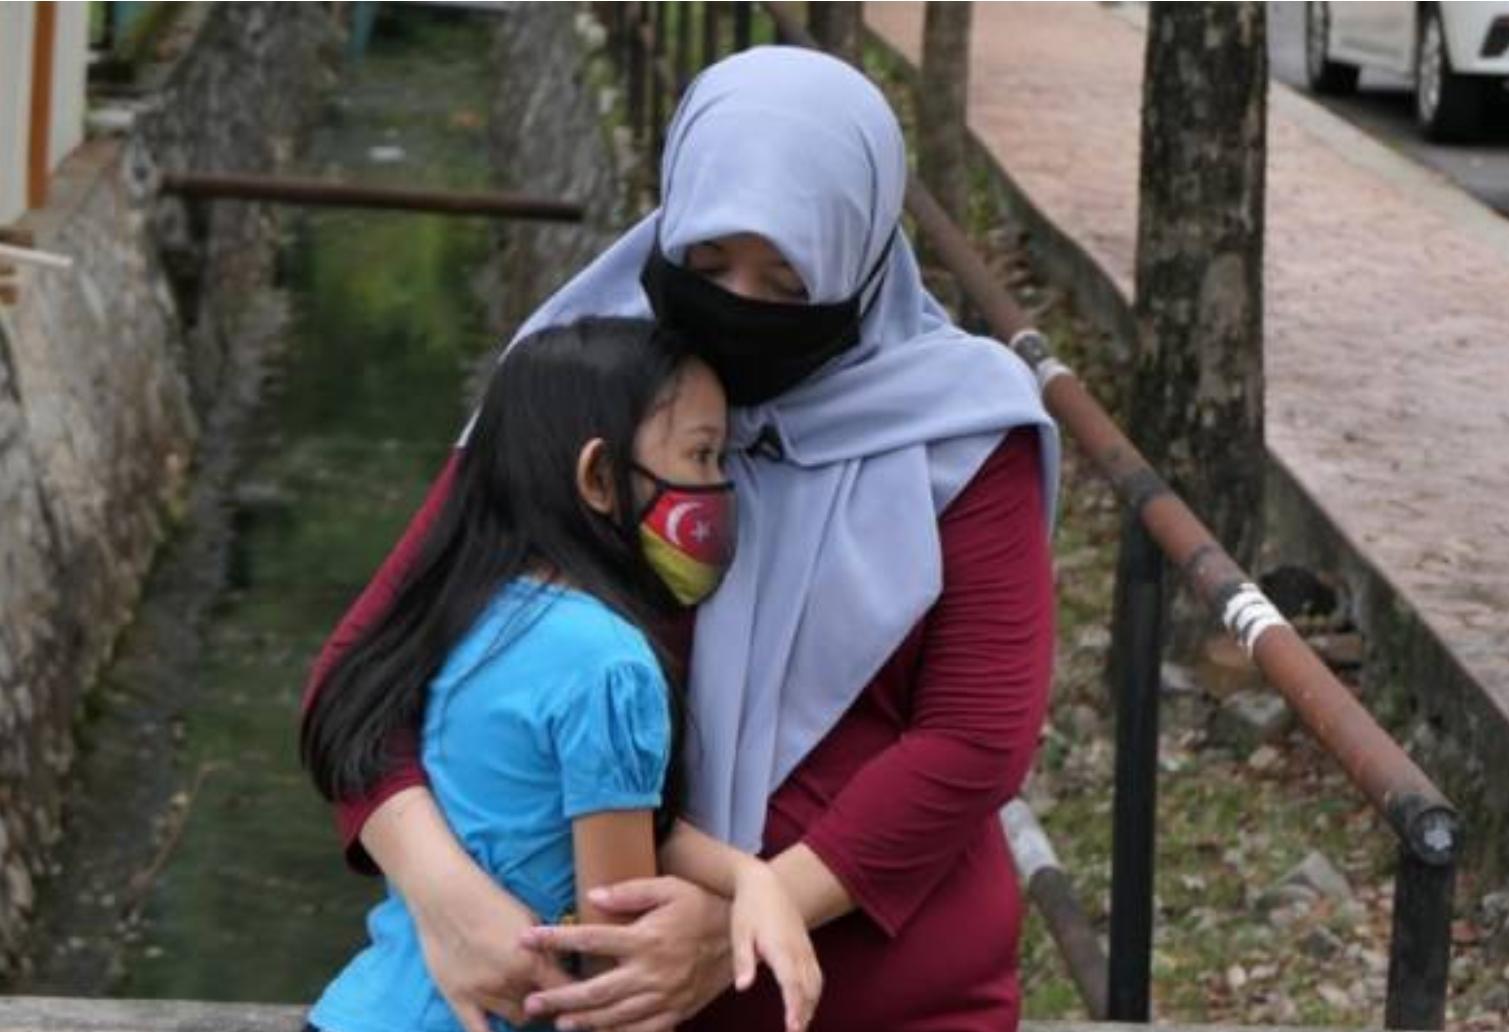 'Ada masa saya tiada beras, terpaksa meminta kepada yang ada' – Ibu tunggal M40